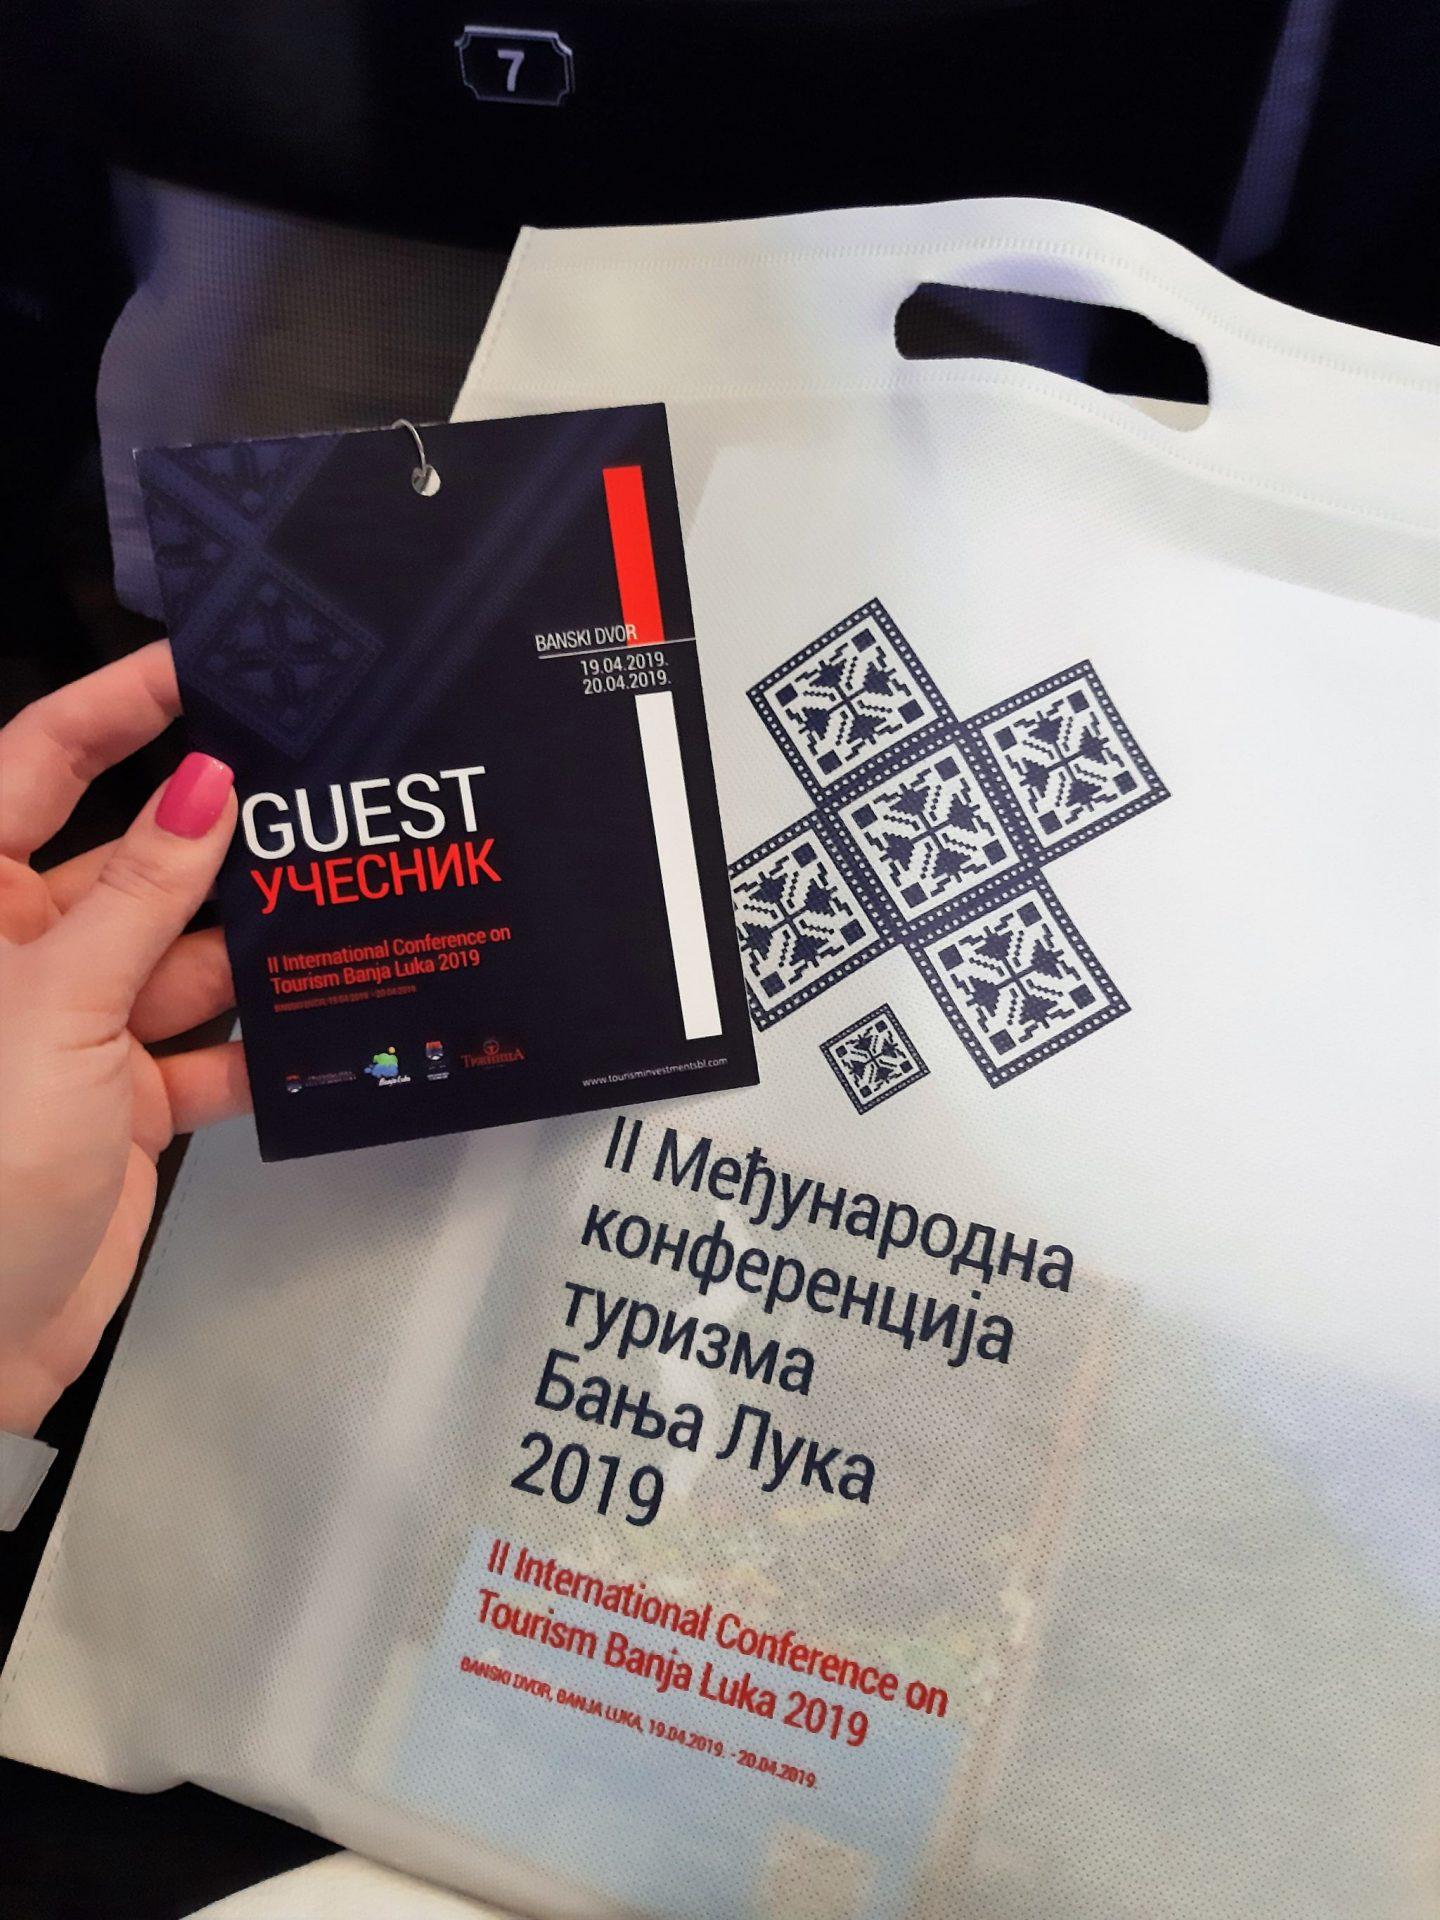 Druga međunarodna konferencija turizma Banja Luka © According to Kristina